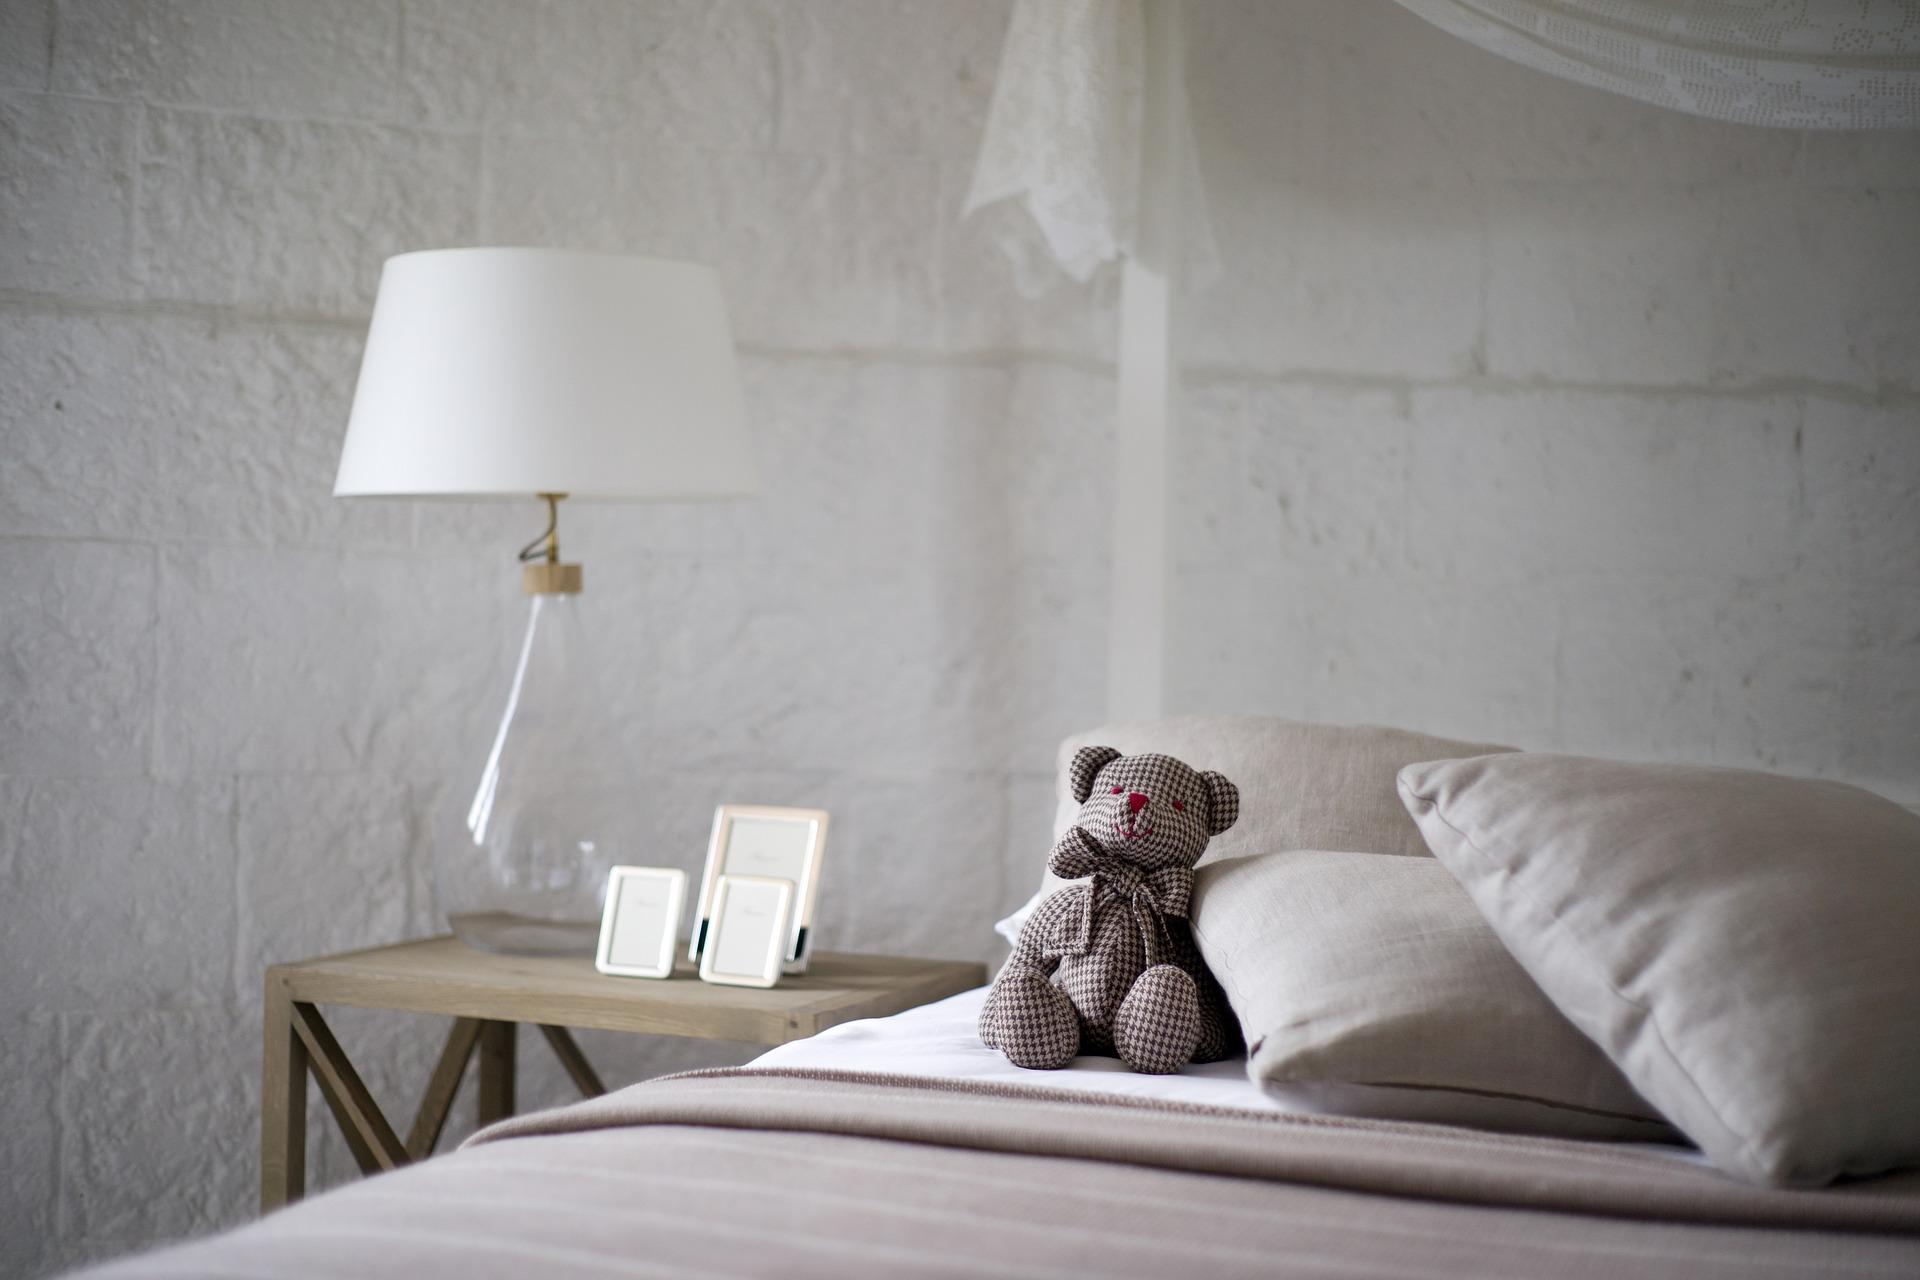 comment bien clairer une chambre h auteurs de l 39 actualit. Black Bedroom Furniture Sets. Home Design Ideas